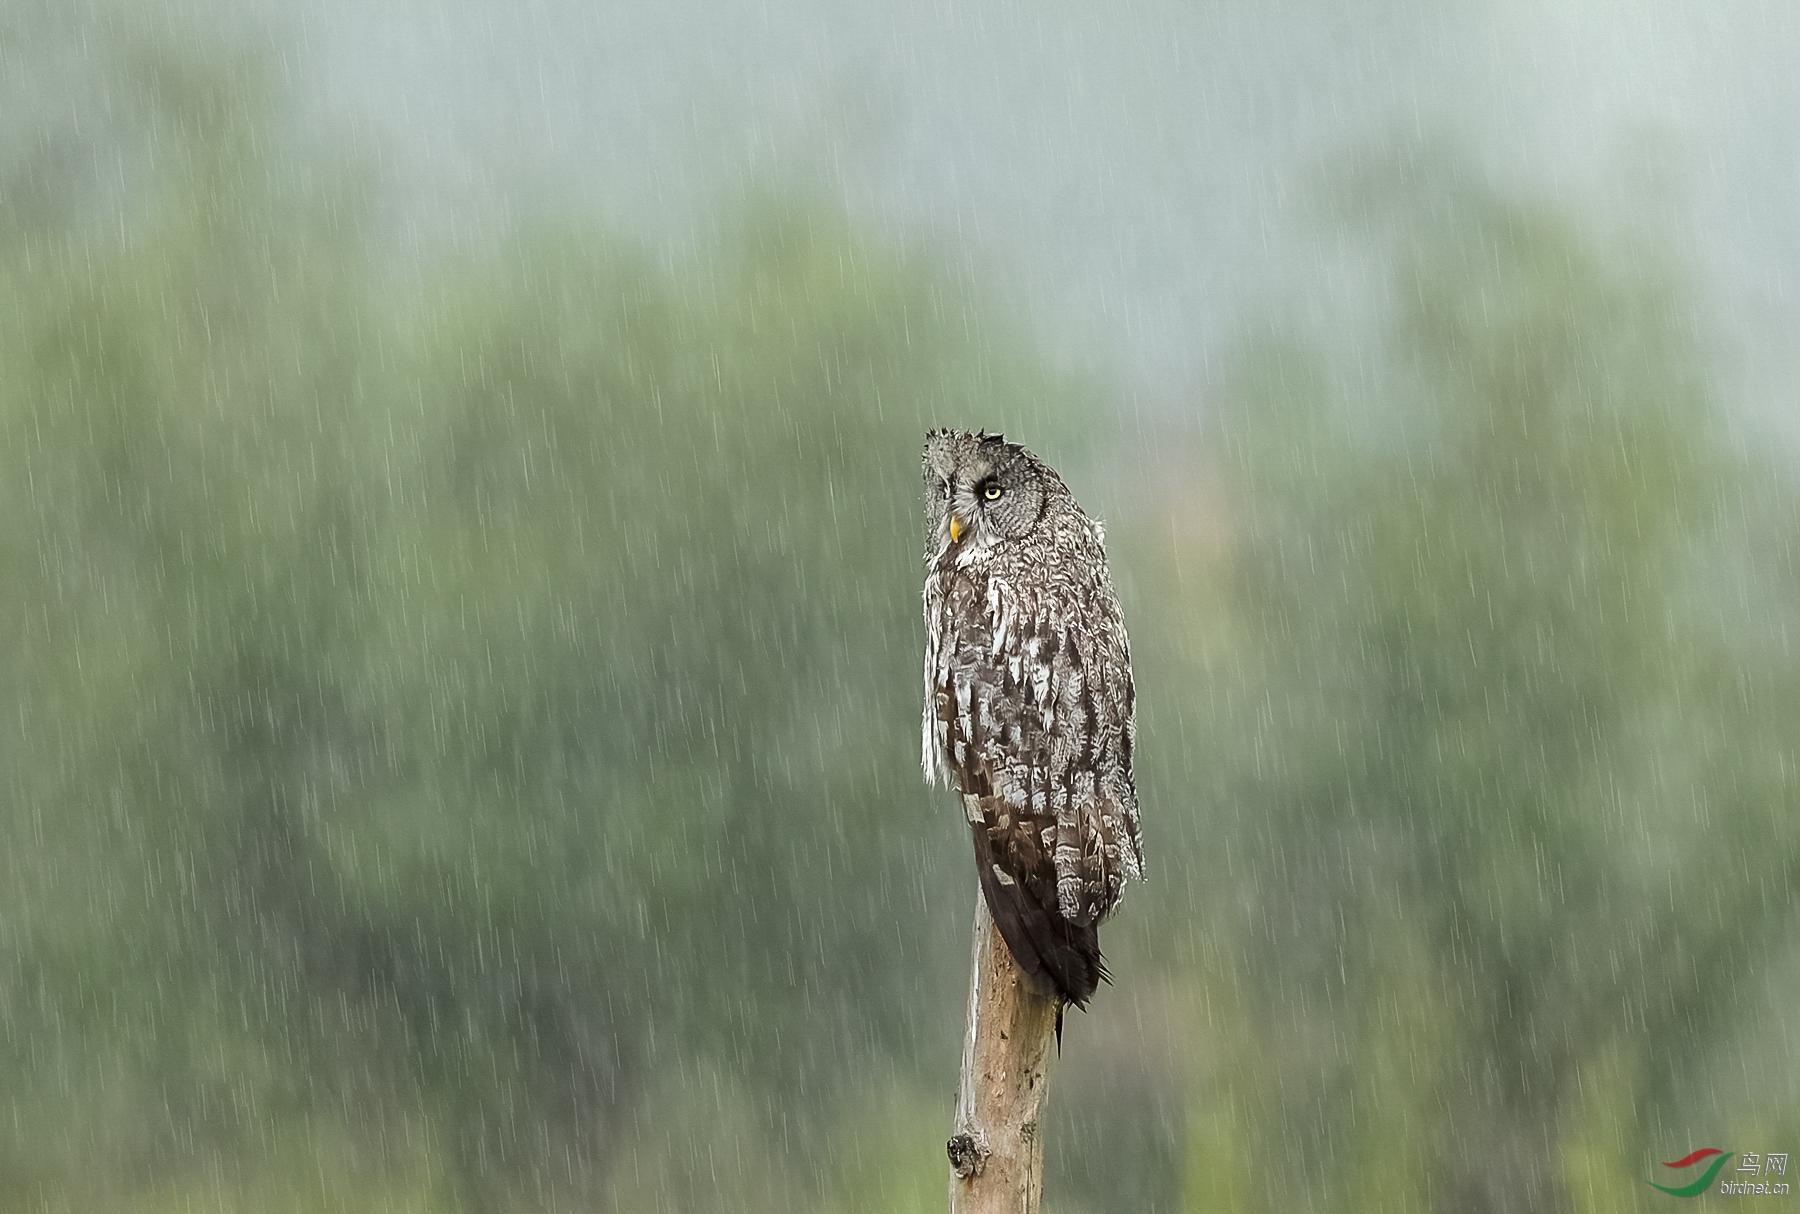 0228. 11183_在雨中_真实野生鸟类.jpg